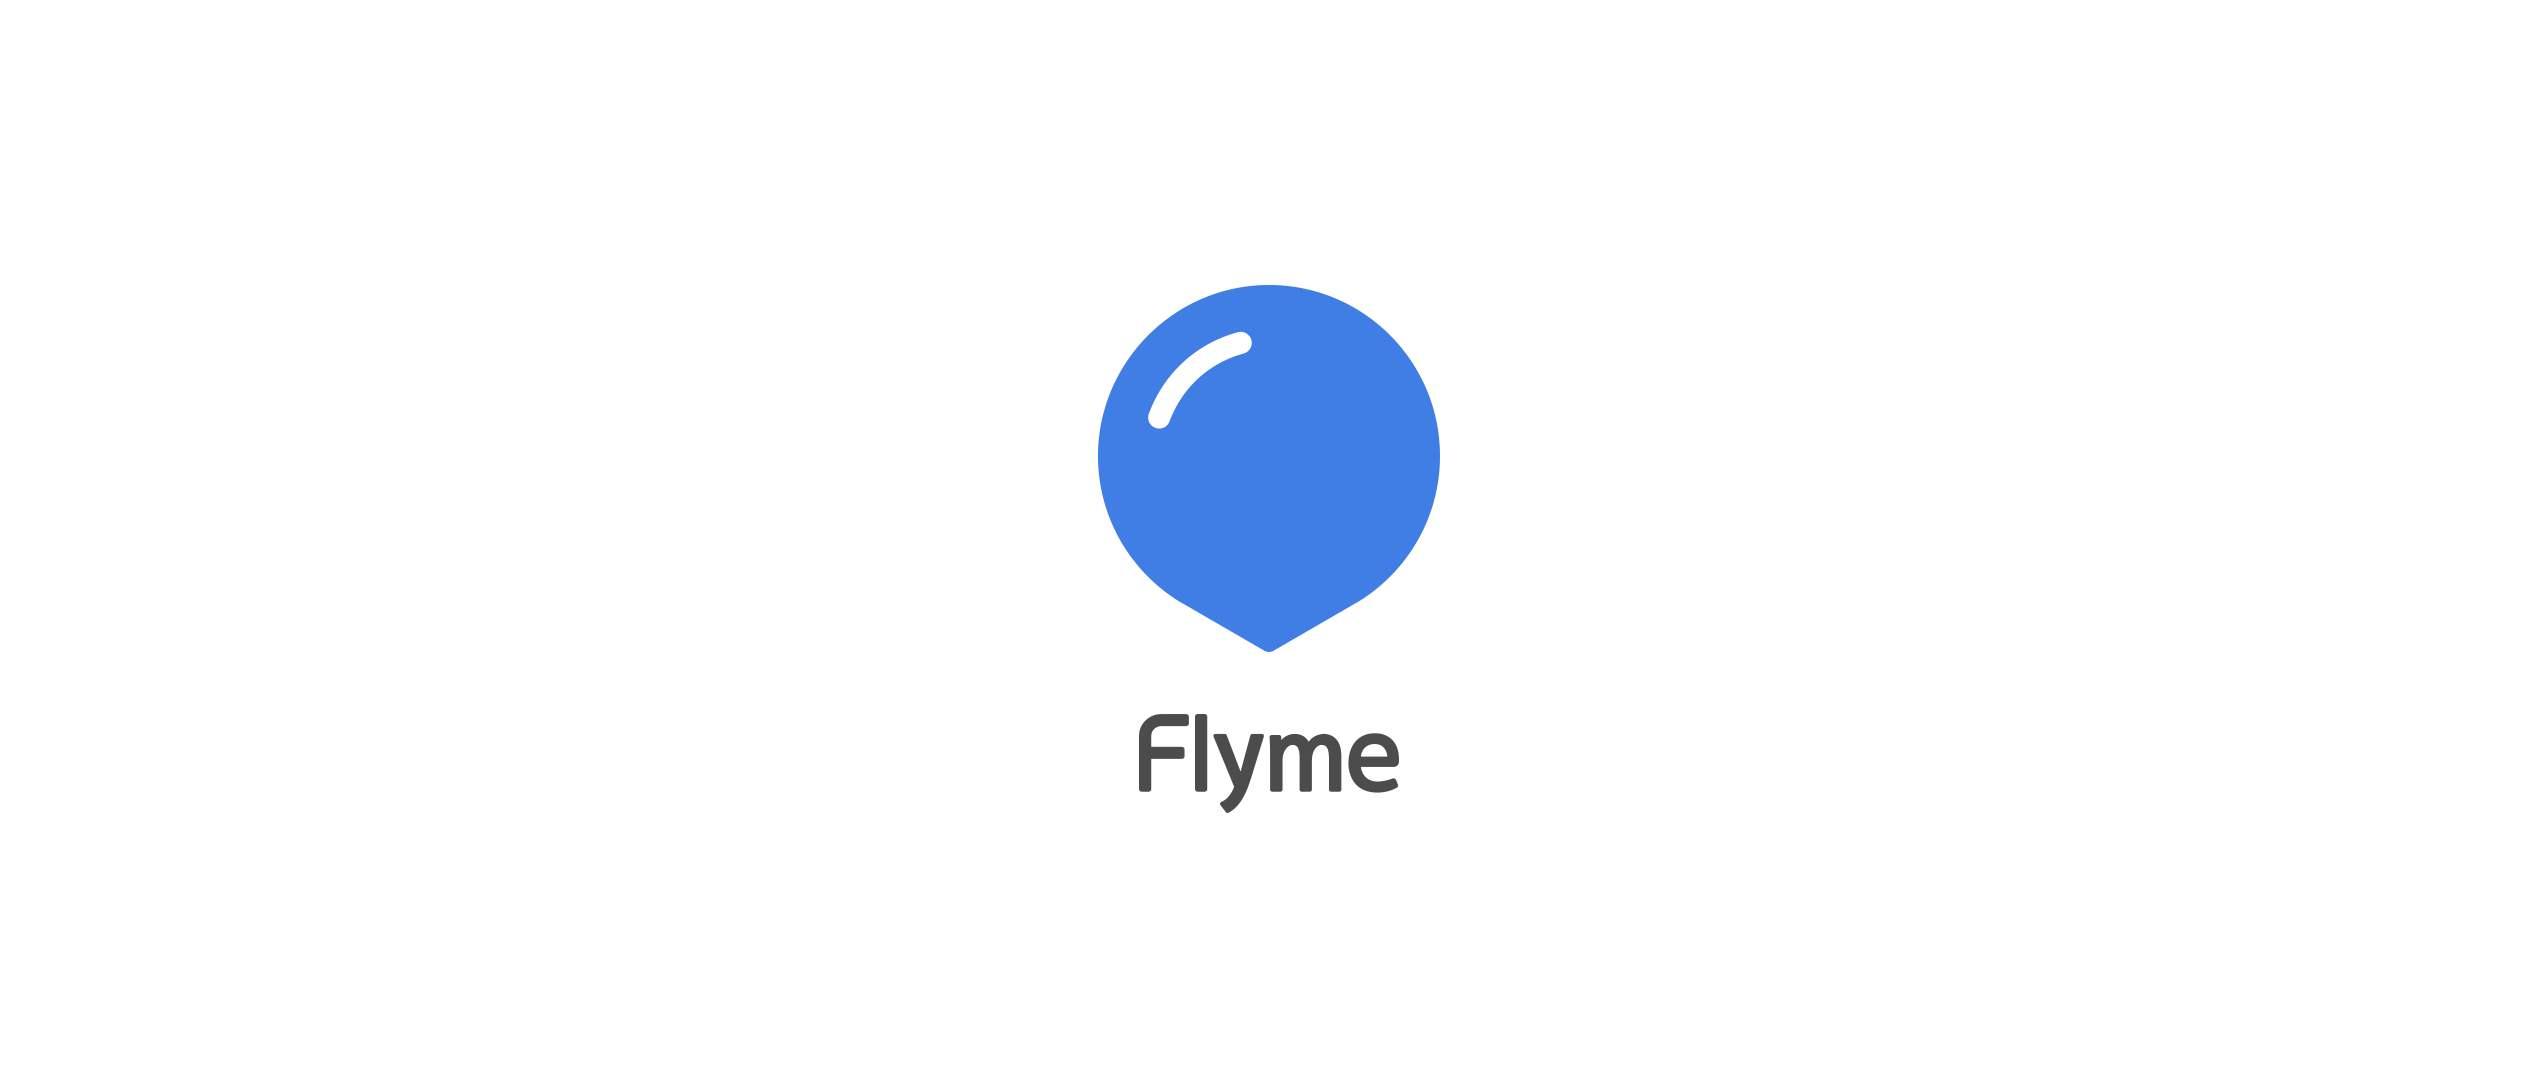 flyme8.1怎么样?是安卓10吗?